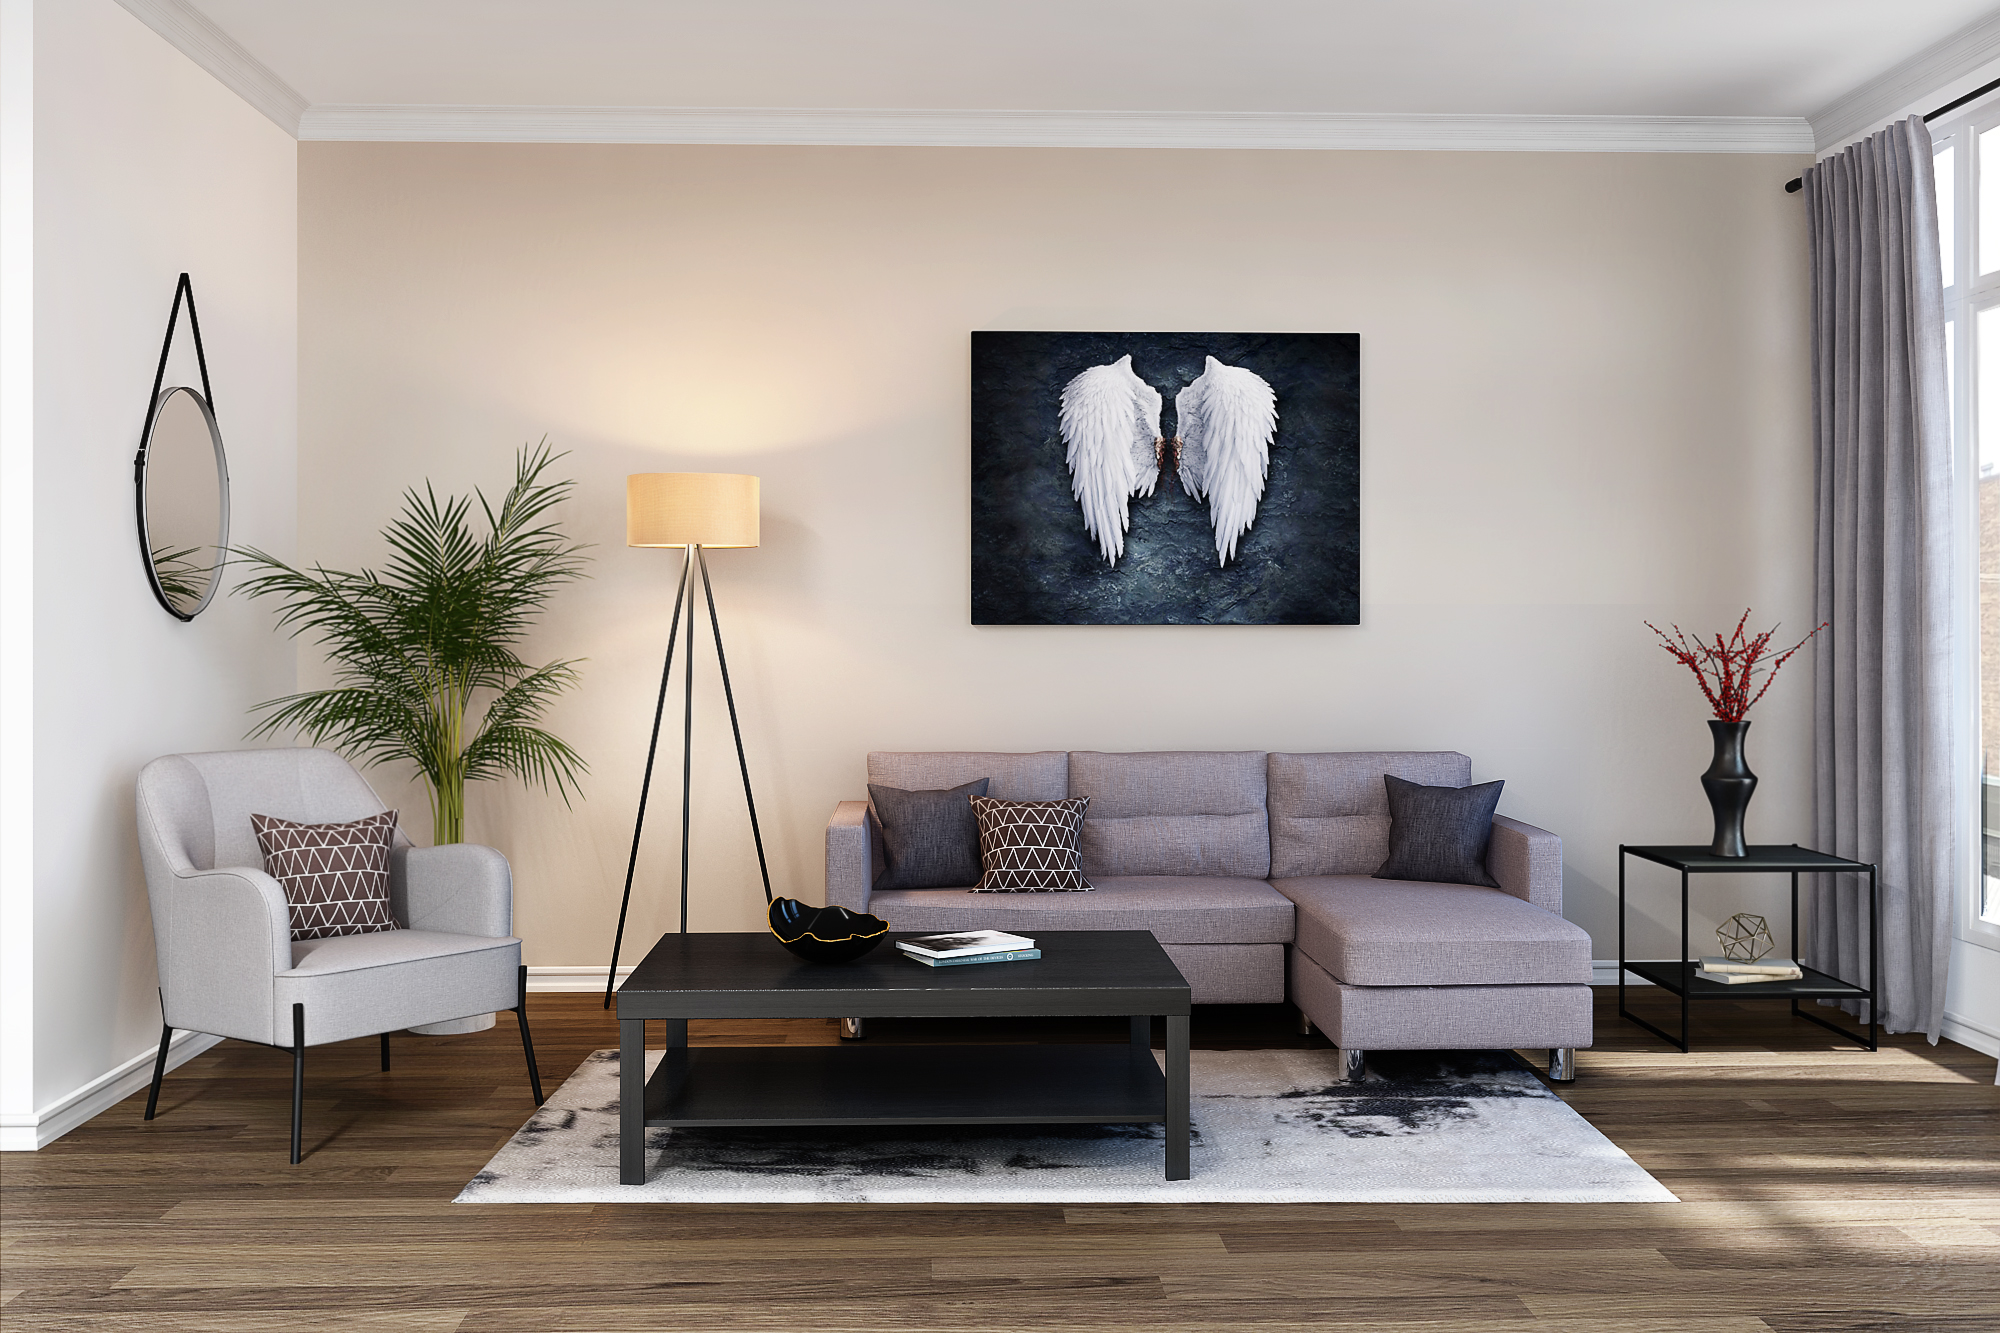 Grayland Living Room Rental Furniture Set 3